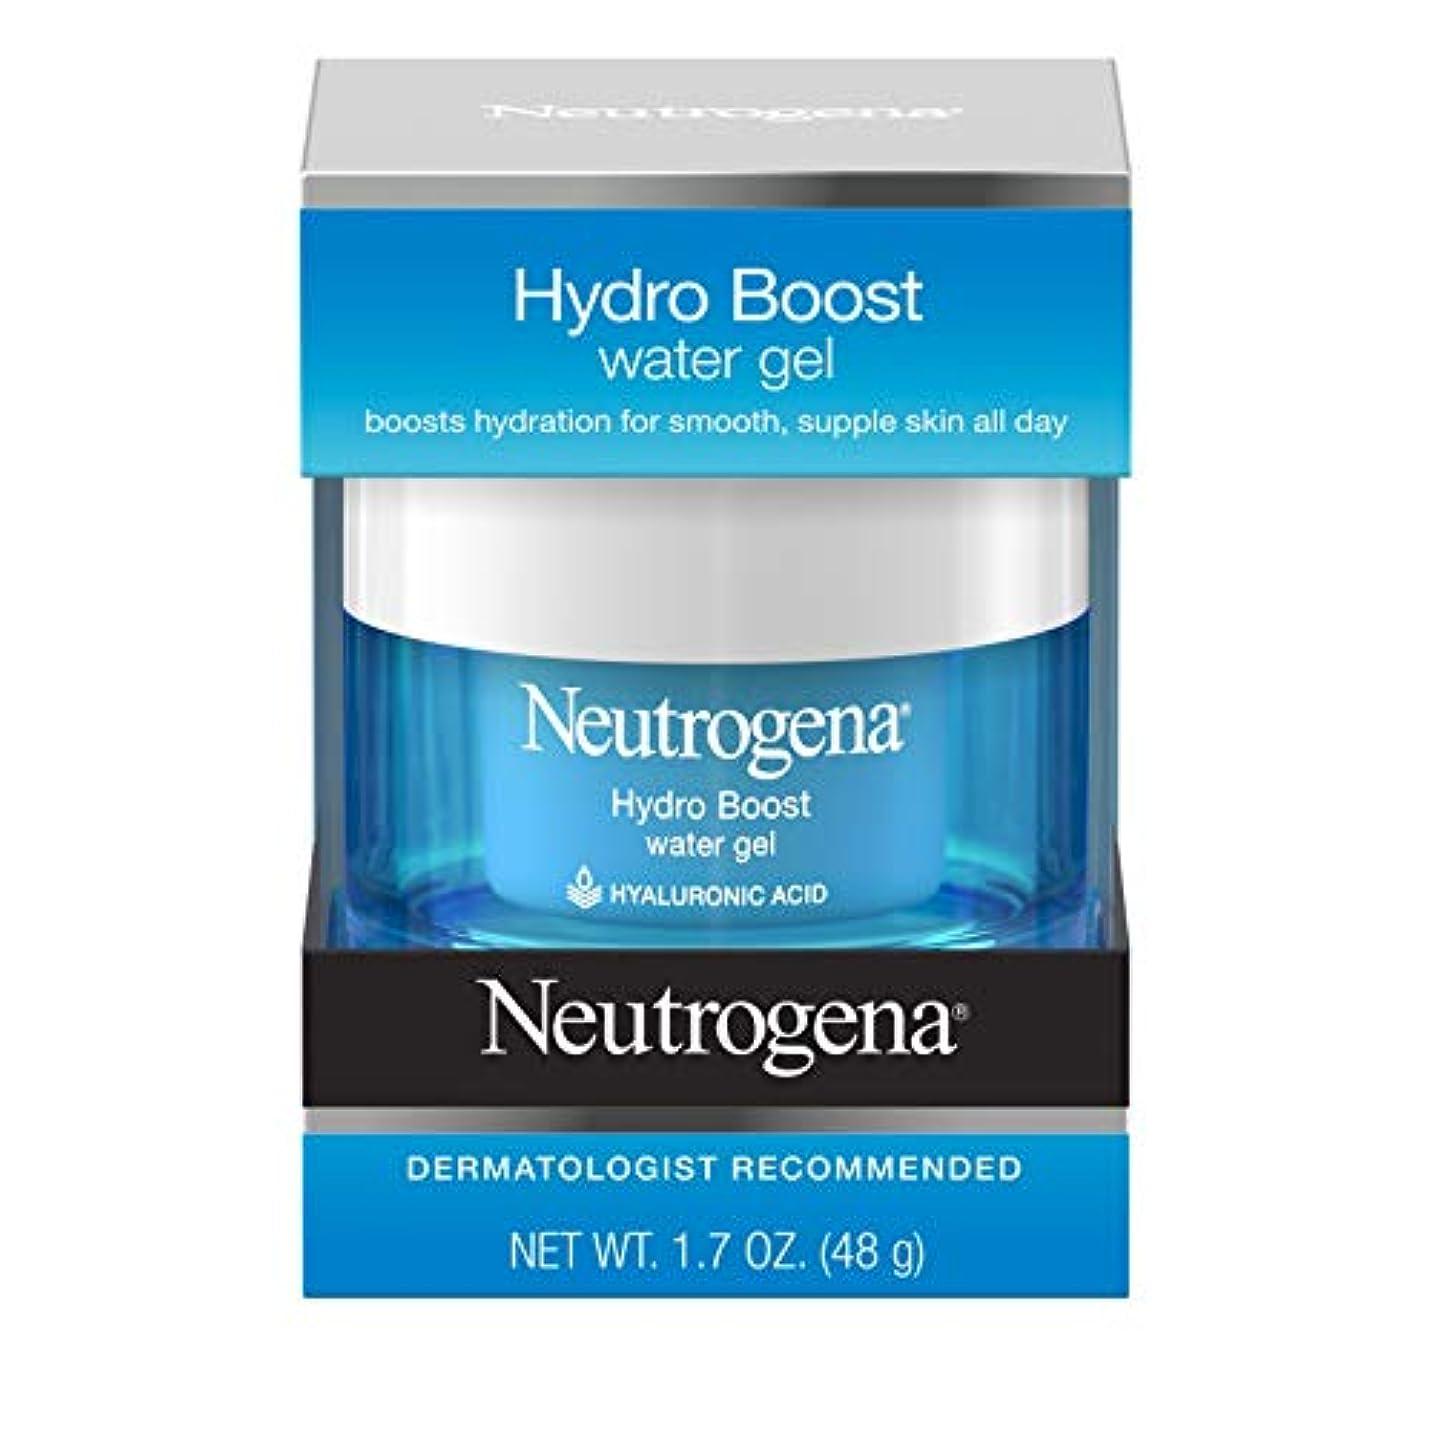 評判日の出温かいNeutrogena Hydro Boost Water Gel、1.7 FL。Oz